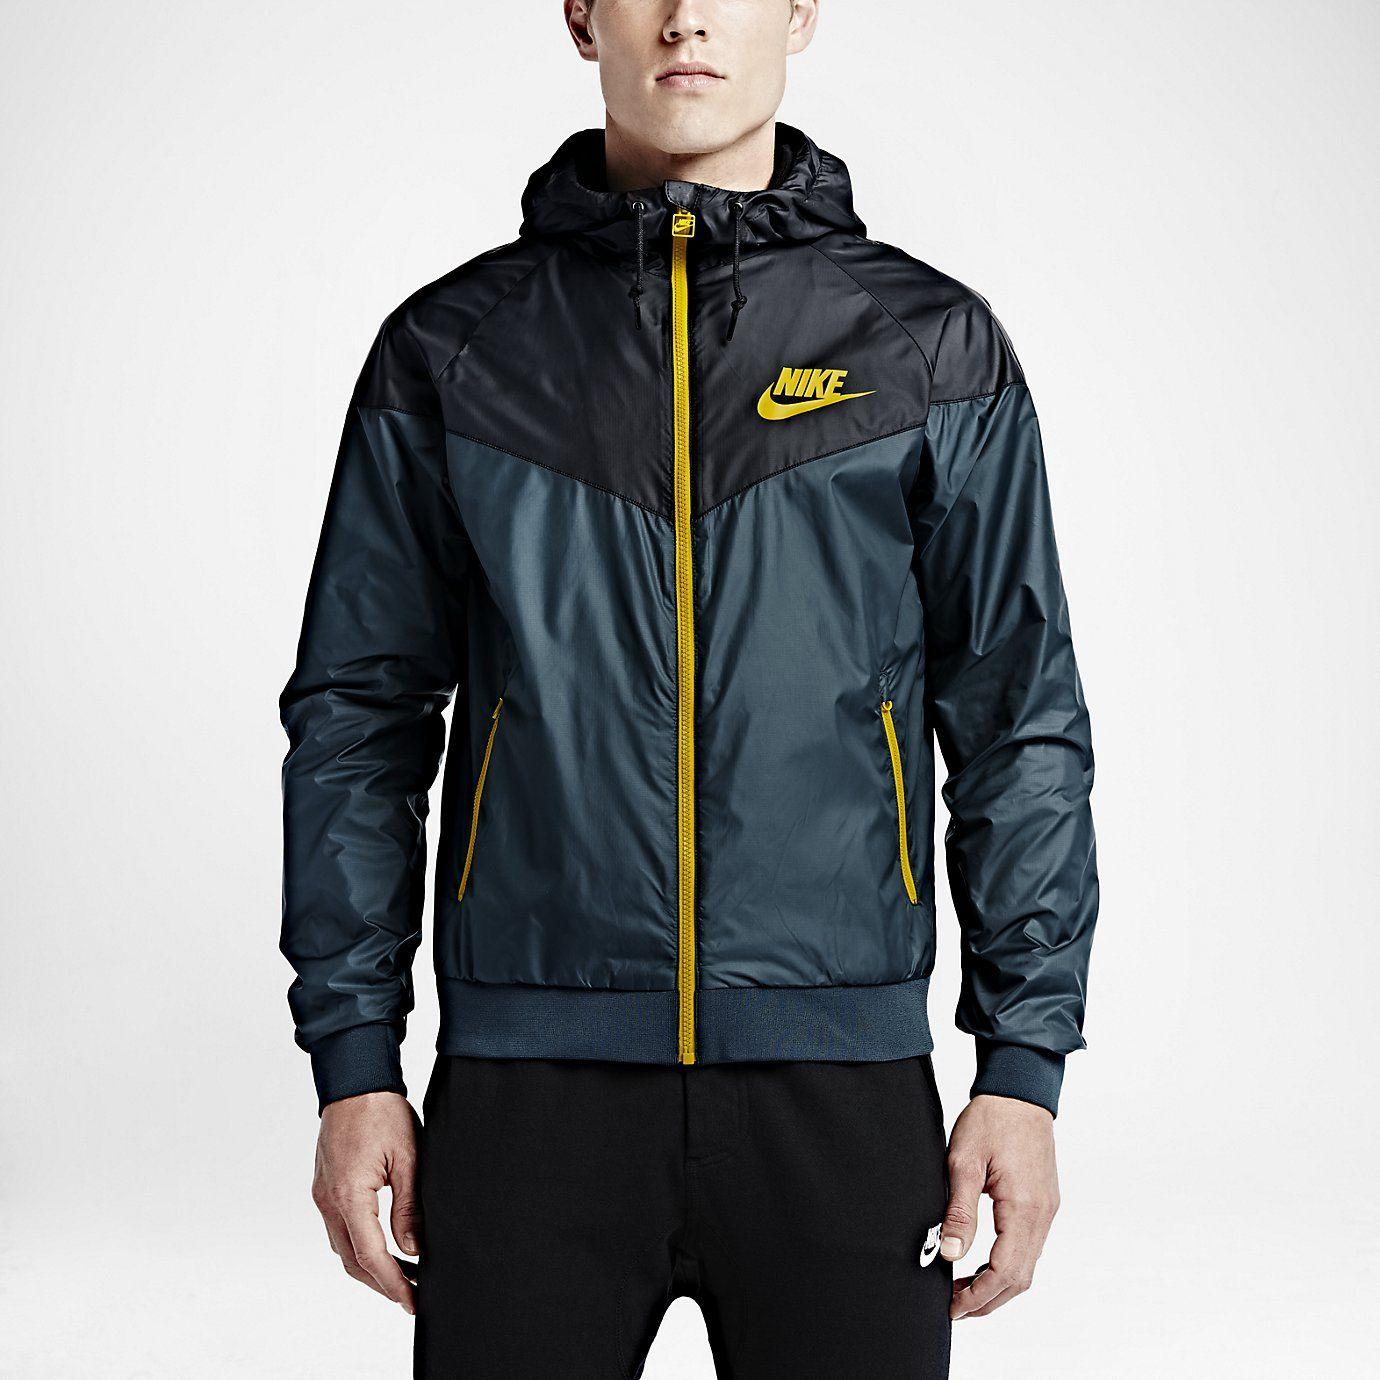 1277c171a037 Nike Windrunner Men s Jacket. Nike Store   Nike   Pinterest   Nike ...